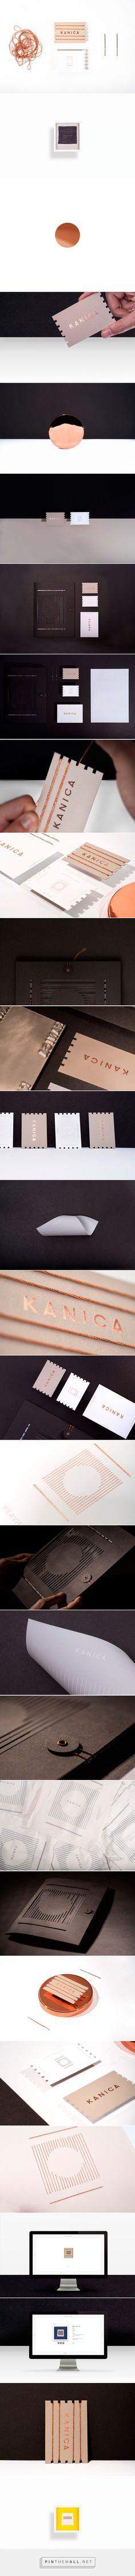 Kanica, una identidad hilada en cobre